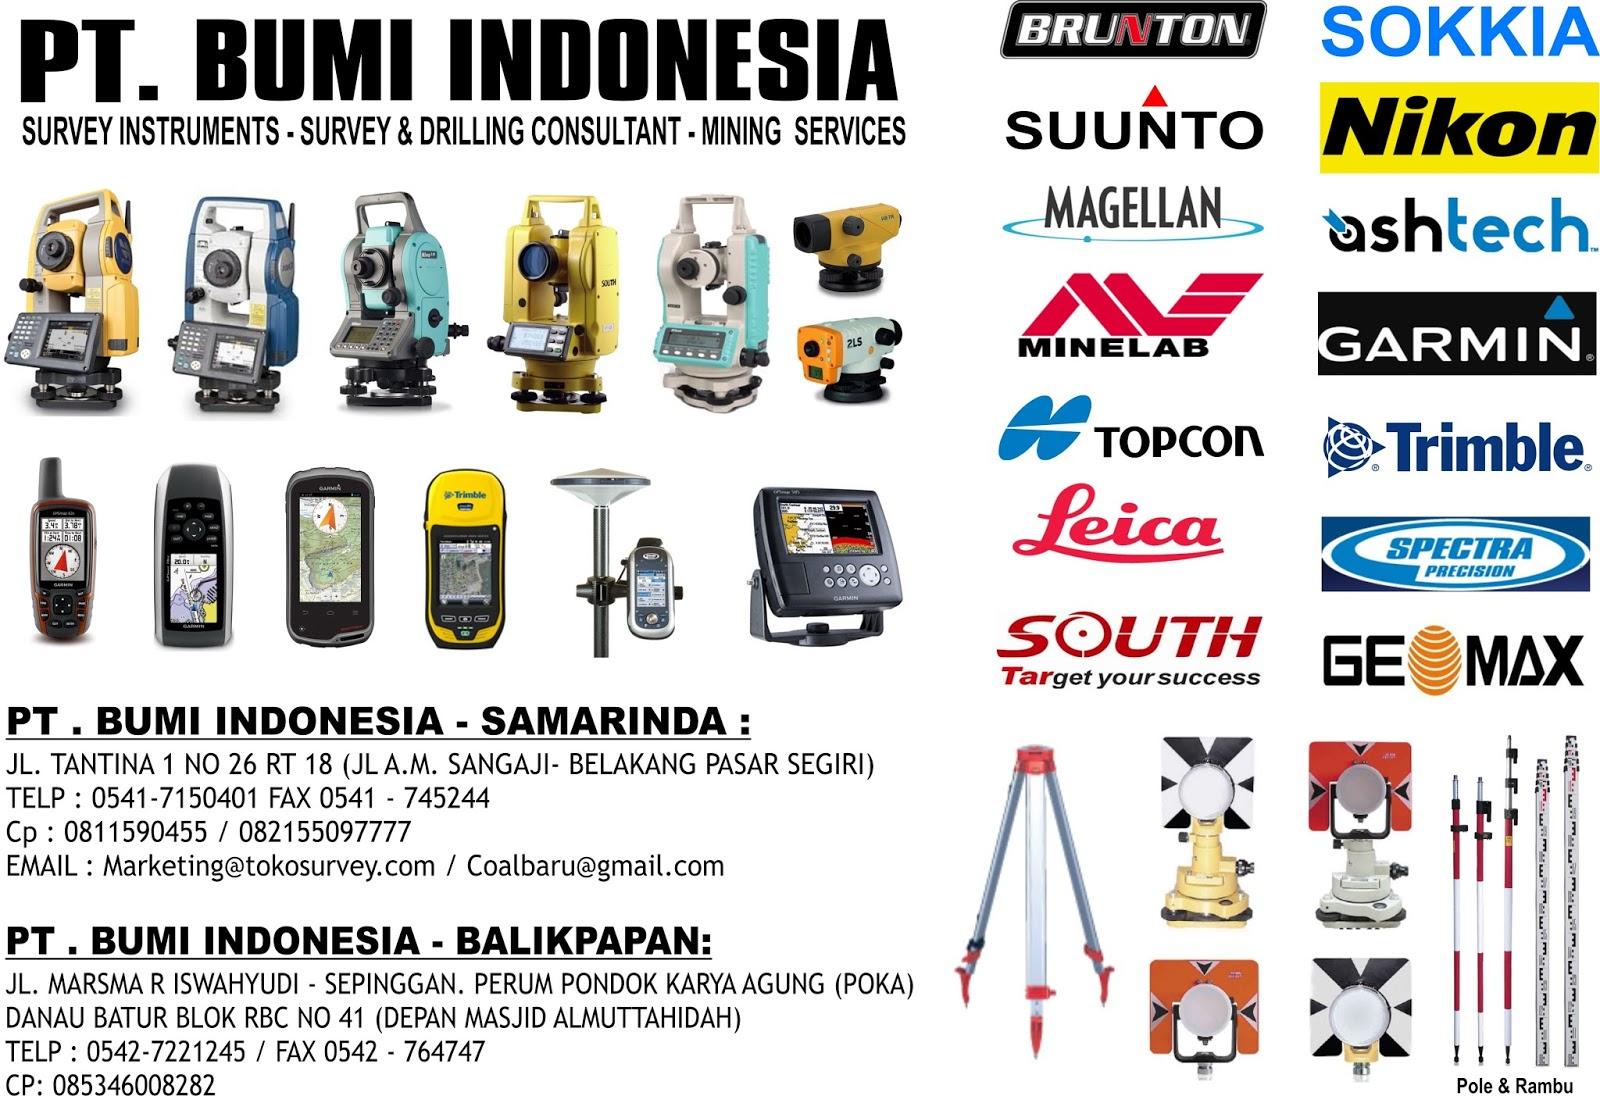 Jasa Sondir Dan Bor Spt Samarinda Pt Bumi Indonesia Toko Alat Survey Dan Geology Balikpapan 0811590455 Pt Bumi Indonesia